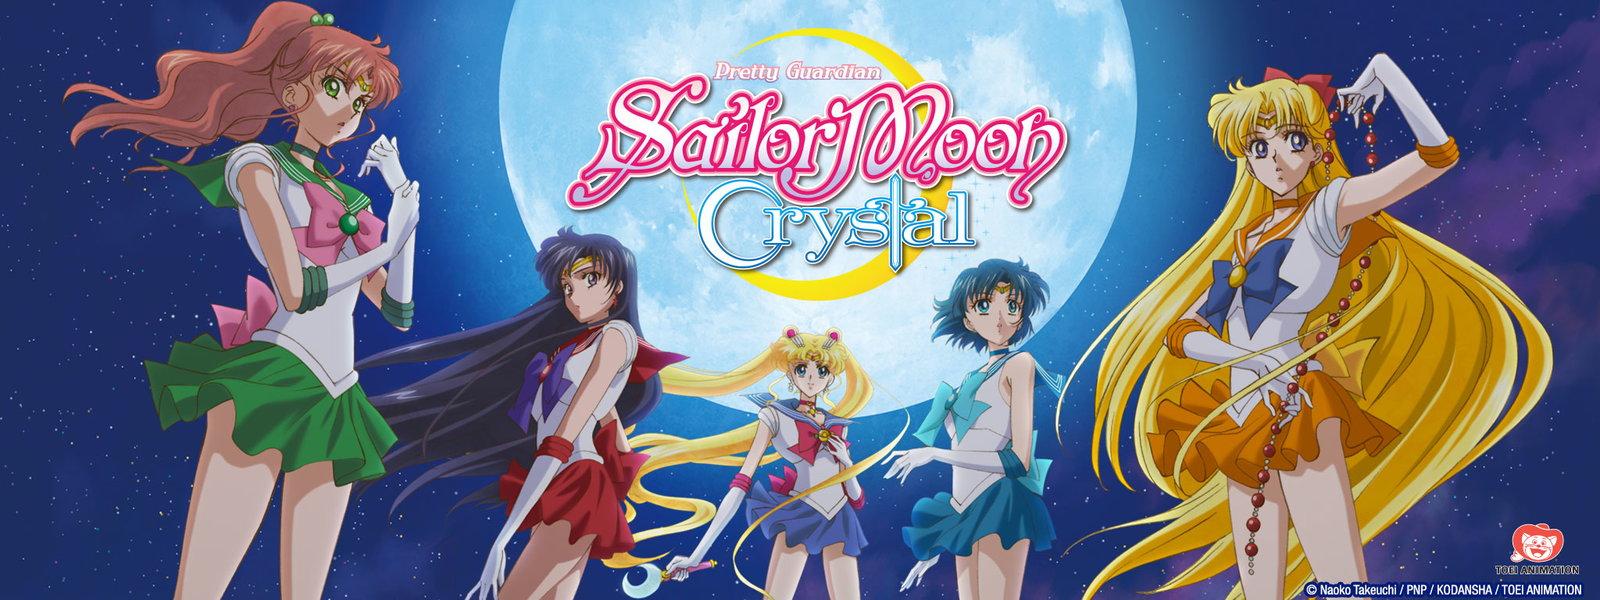 2015_CM_Sailor_Moon_Crystal